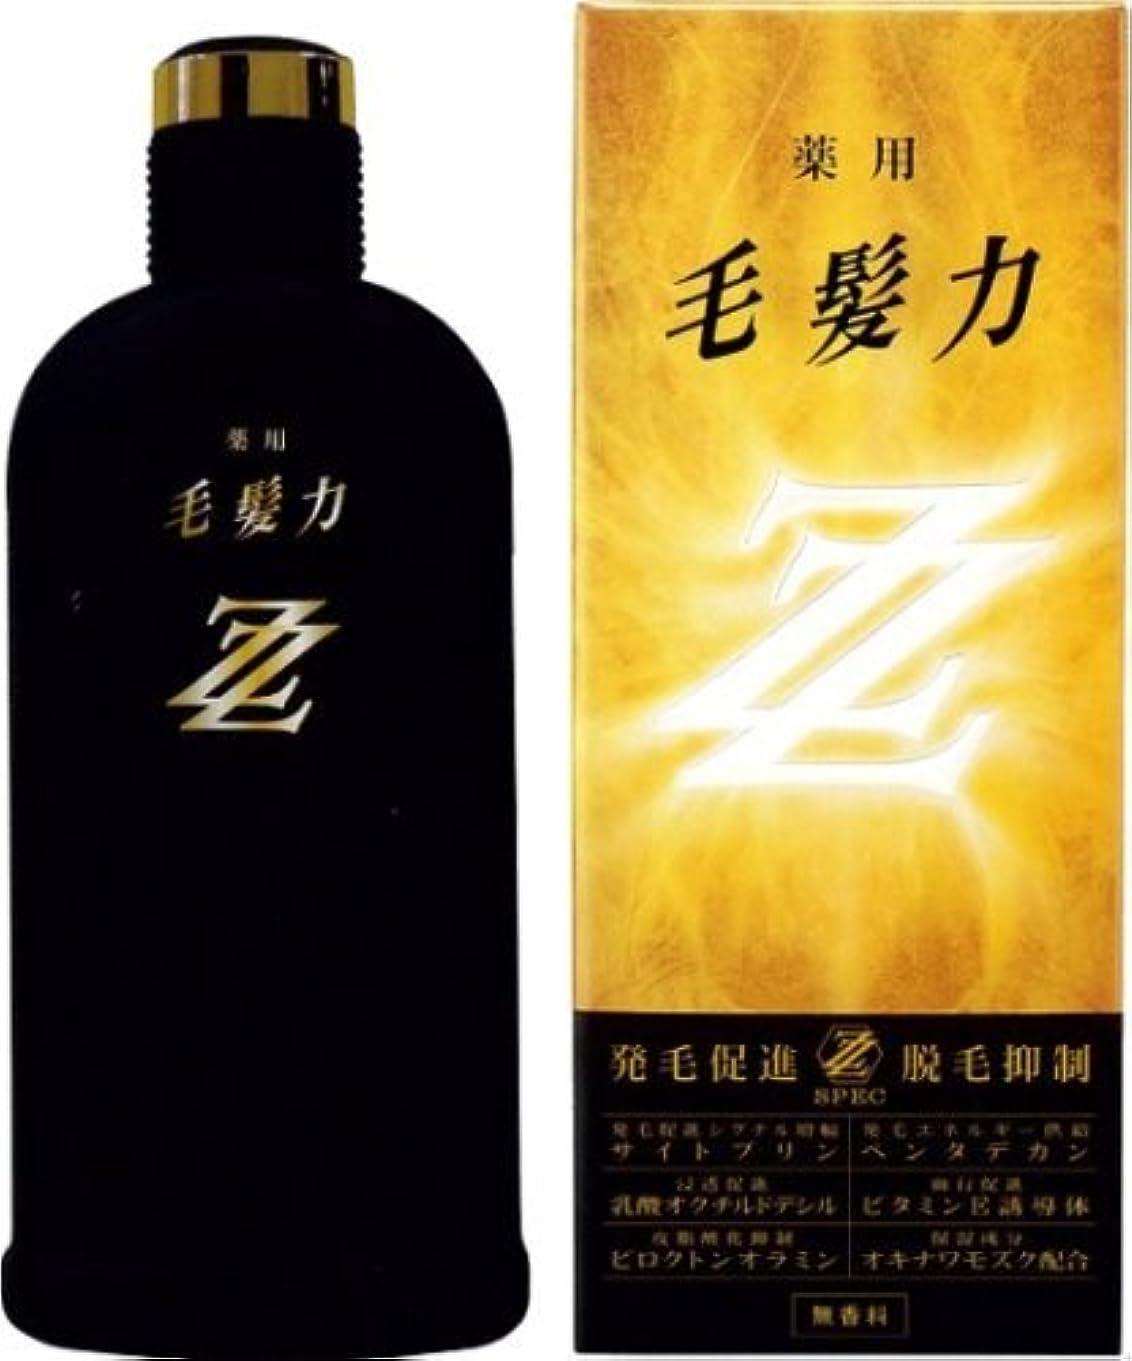 イノセンスライバルきつく薬用毛髪力ZZ 200ml ×10個セット